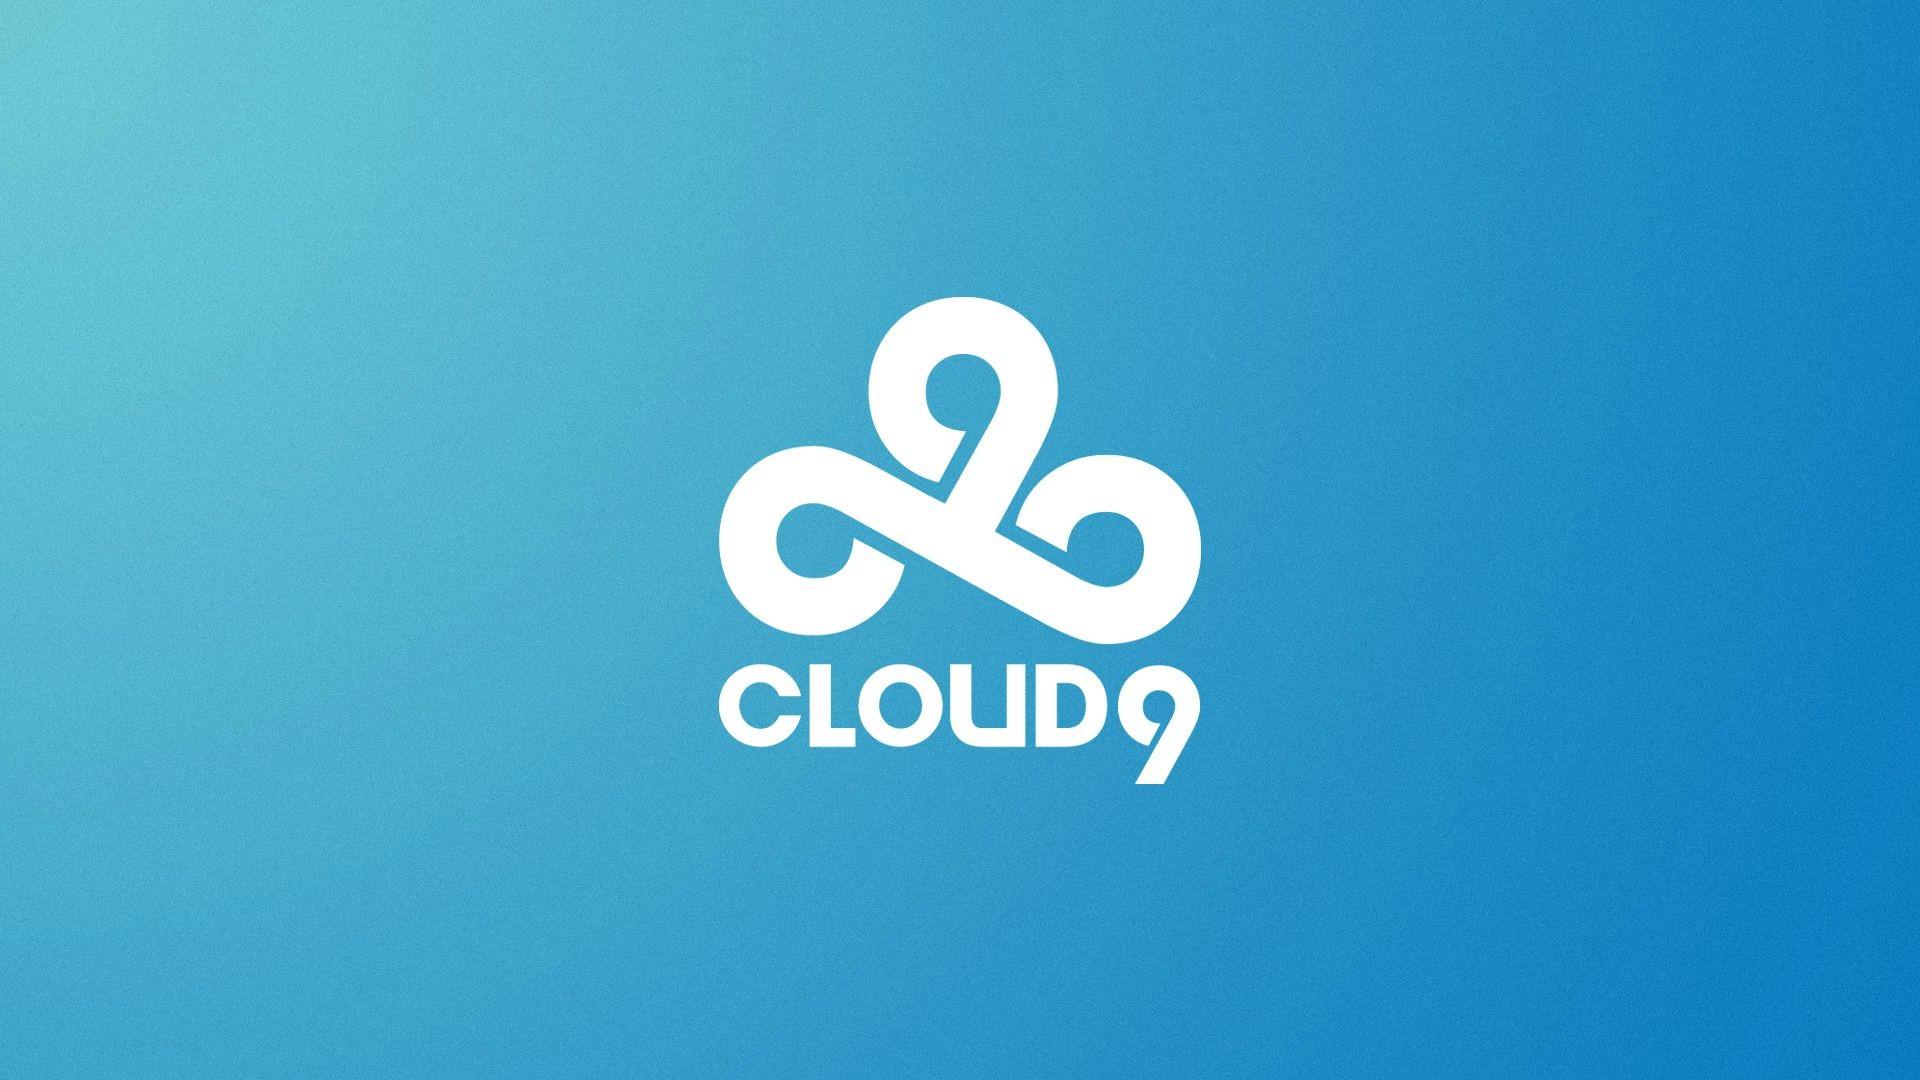 Cloud 9 CS GO Wallpaper